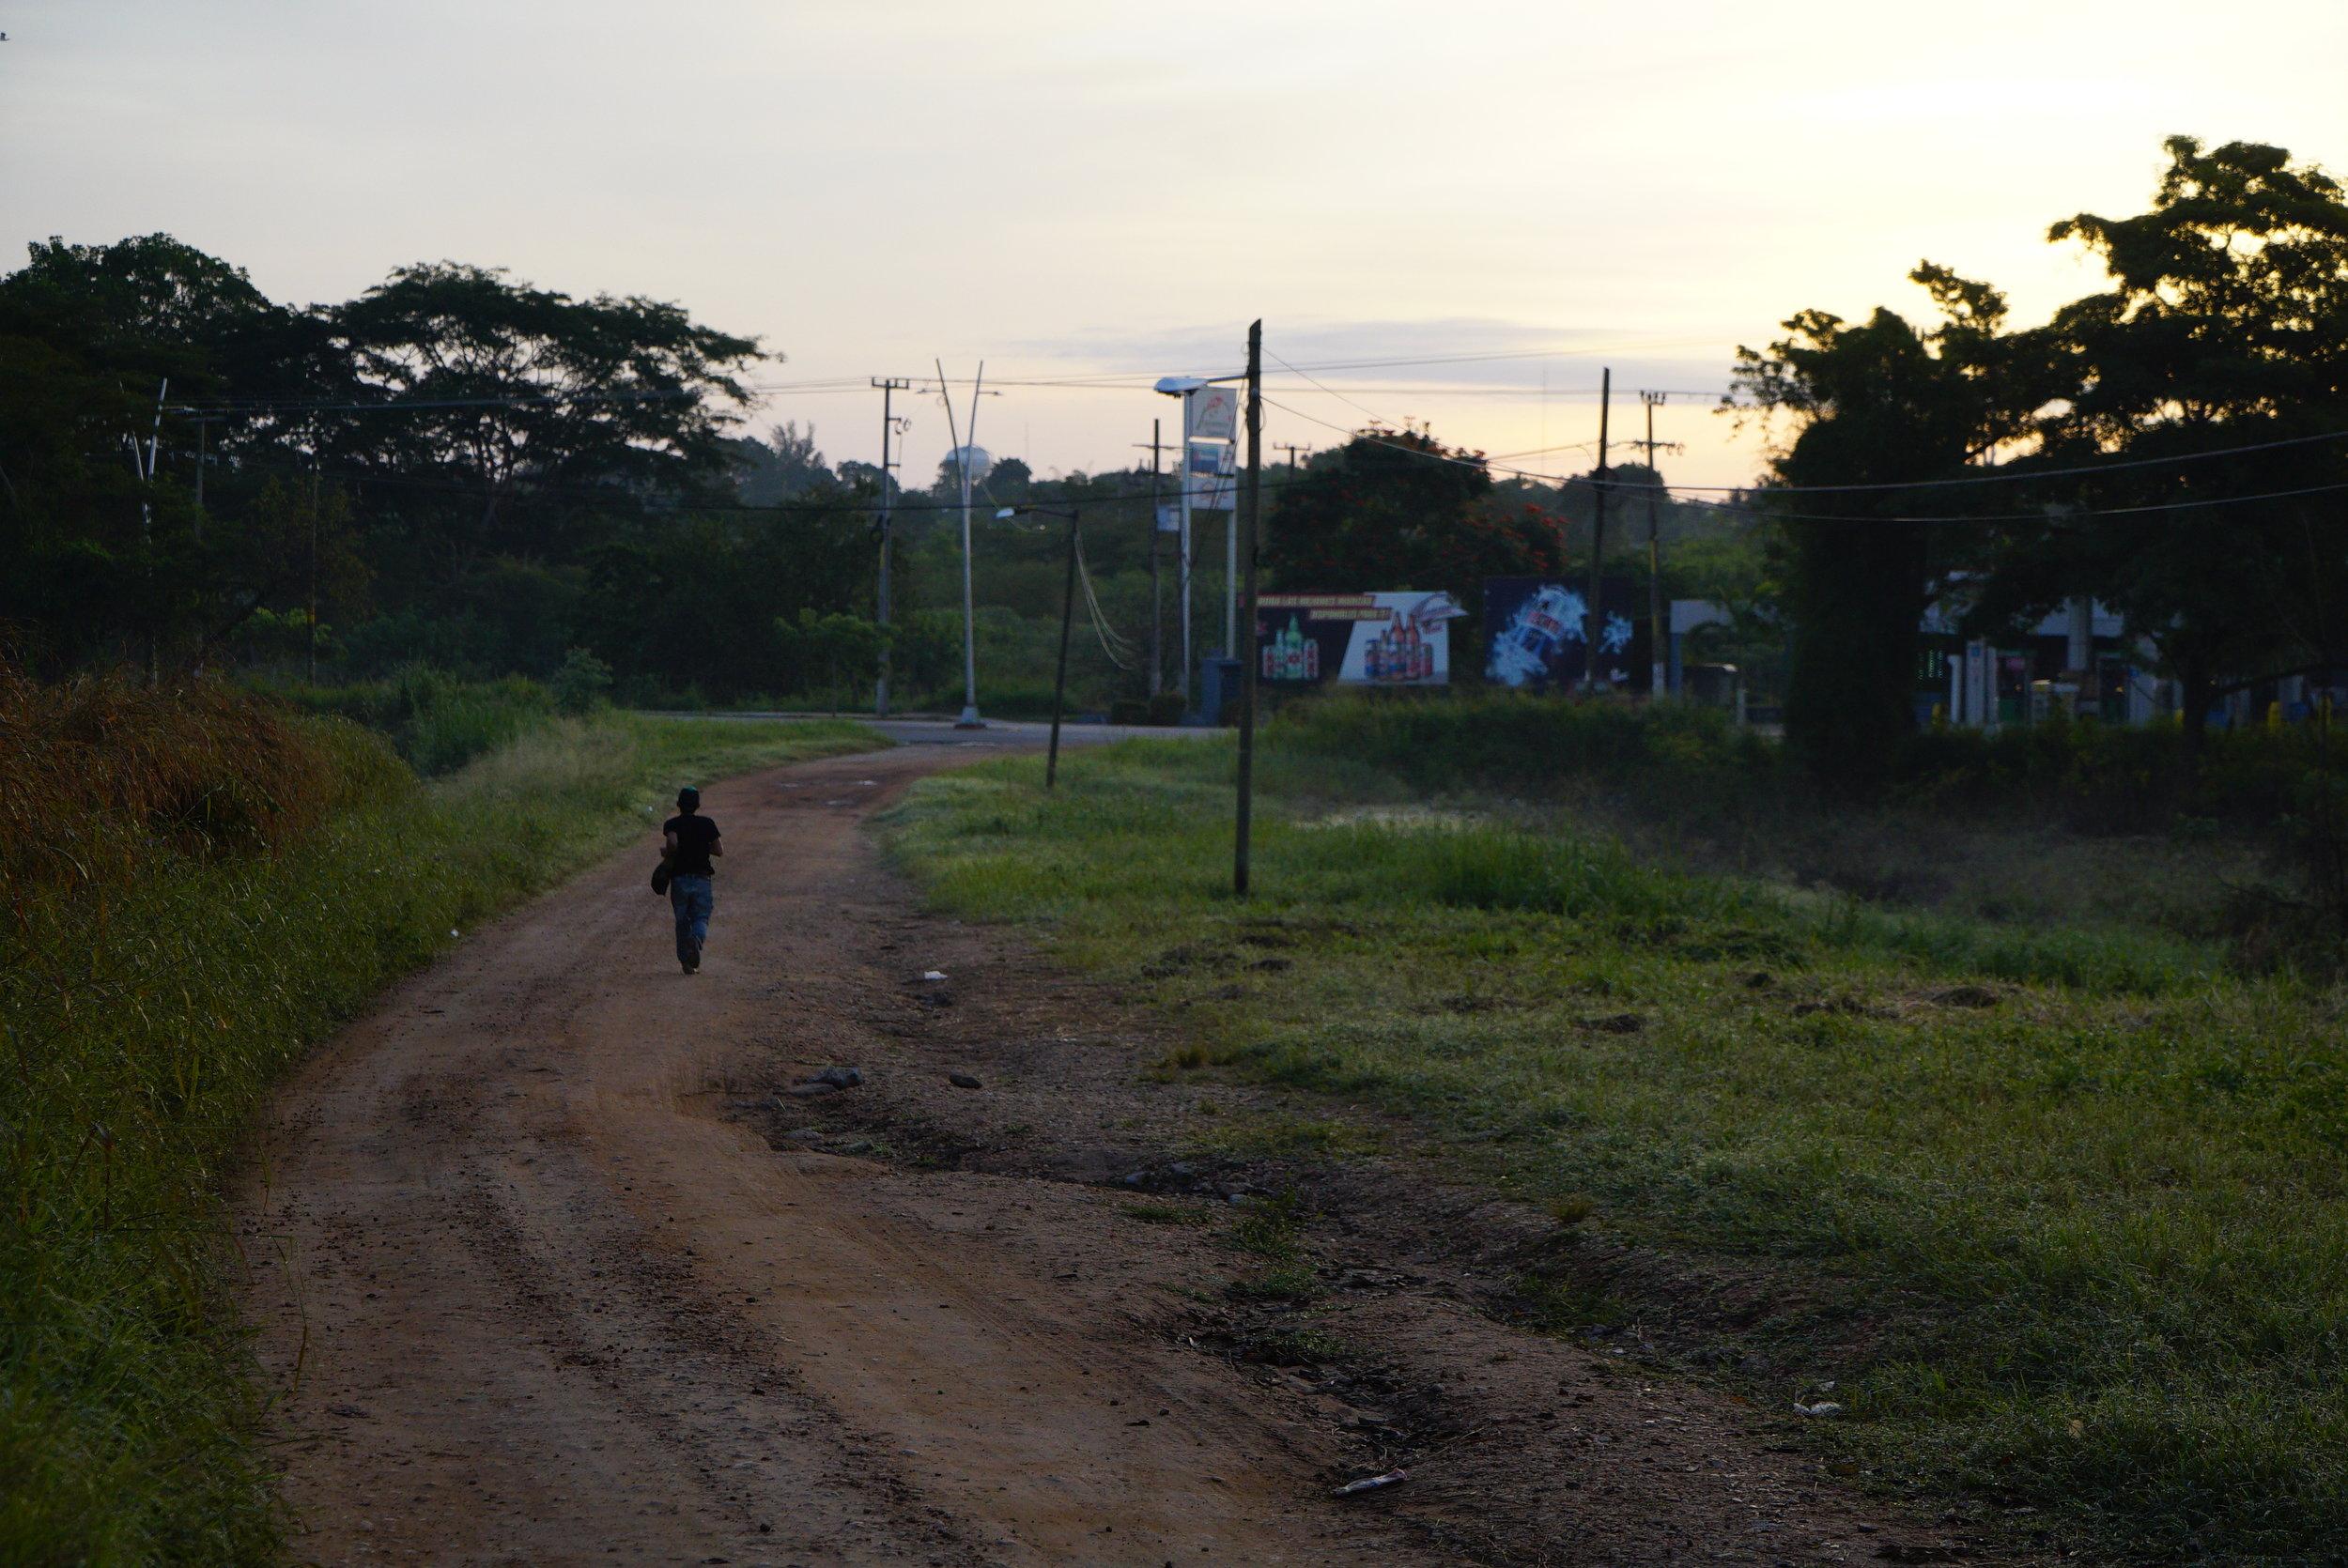 Cerca de las vías del tren, migrante corriendo, Tenosique, Tabasco. Créditos Fotográficos:Irving Mondragón